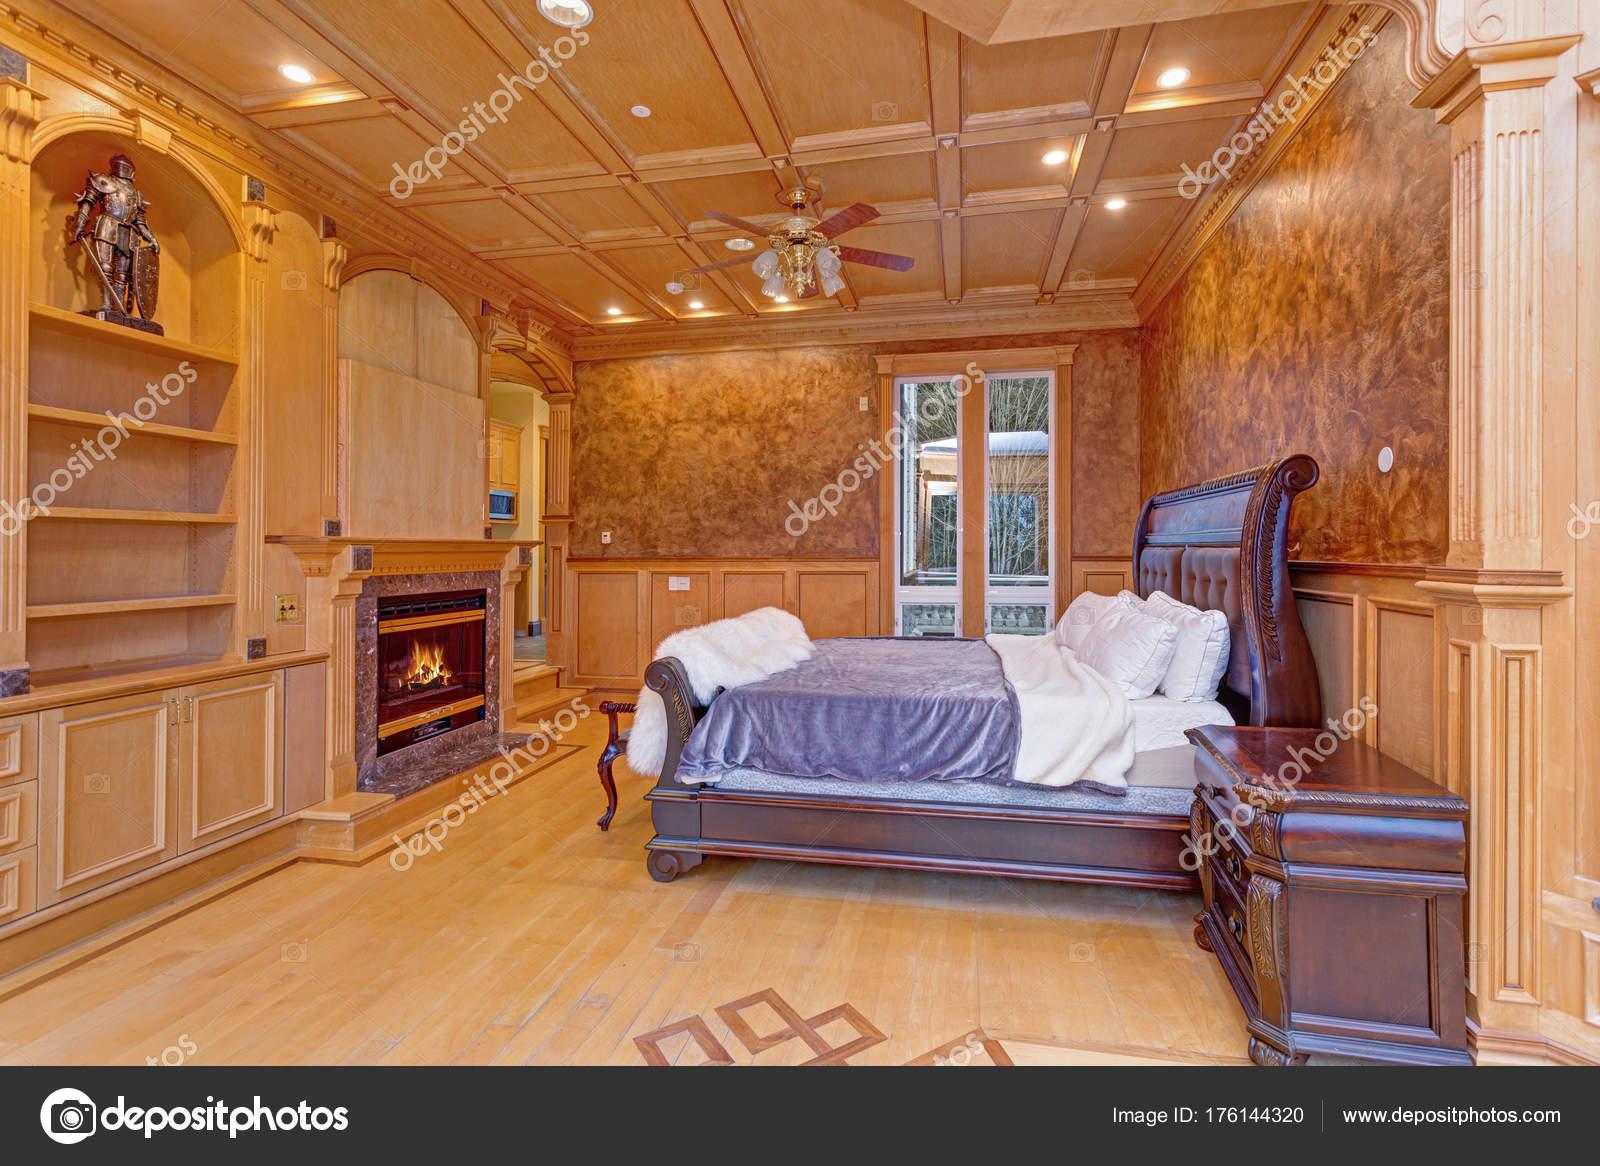 Einladende Villa Schlafzimmer Bietet Ein Rustikales Holz Kassettendecke  über Einem Braunen Decke Holz Bett Gekrönt Mit Einem Flauschigen  Schaffell Deckel ...